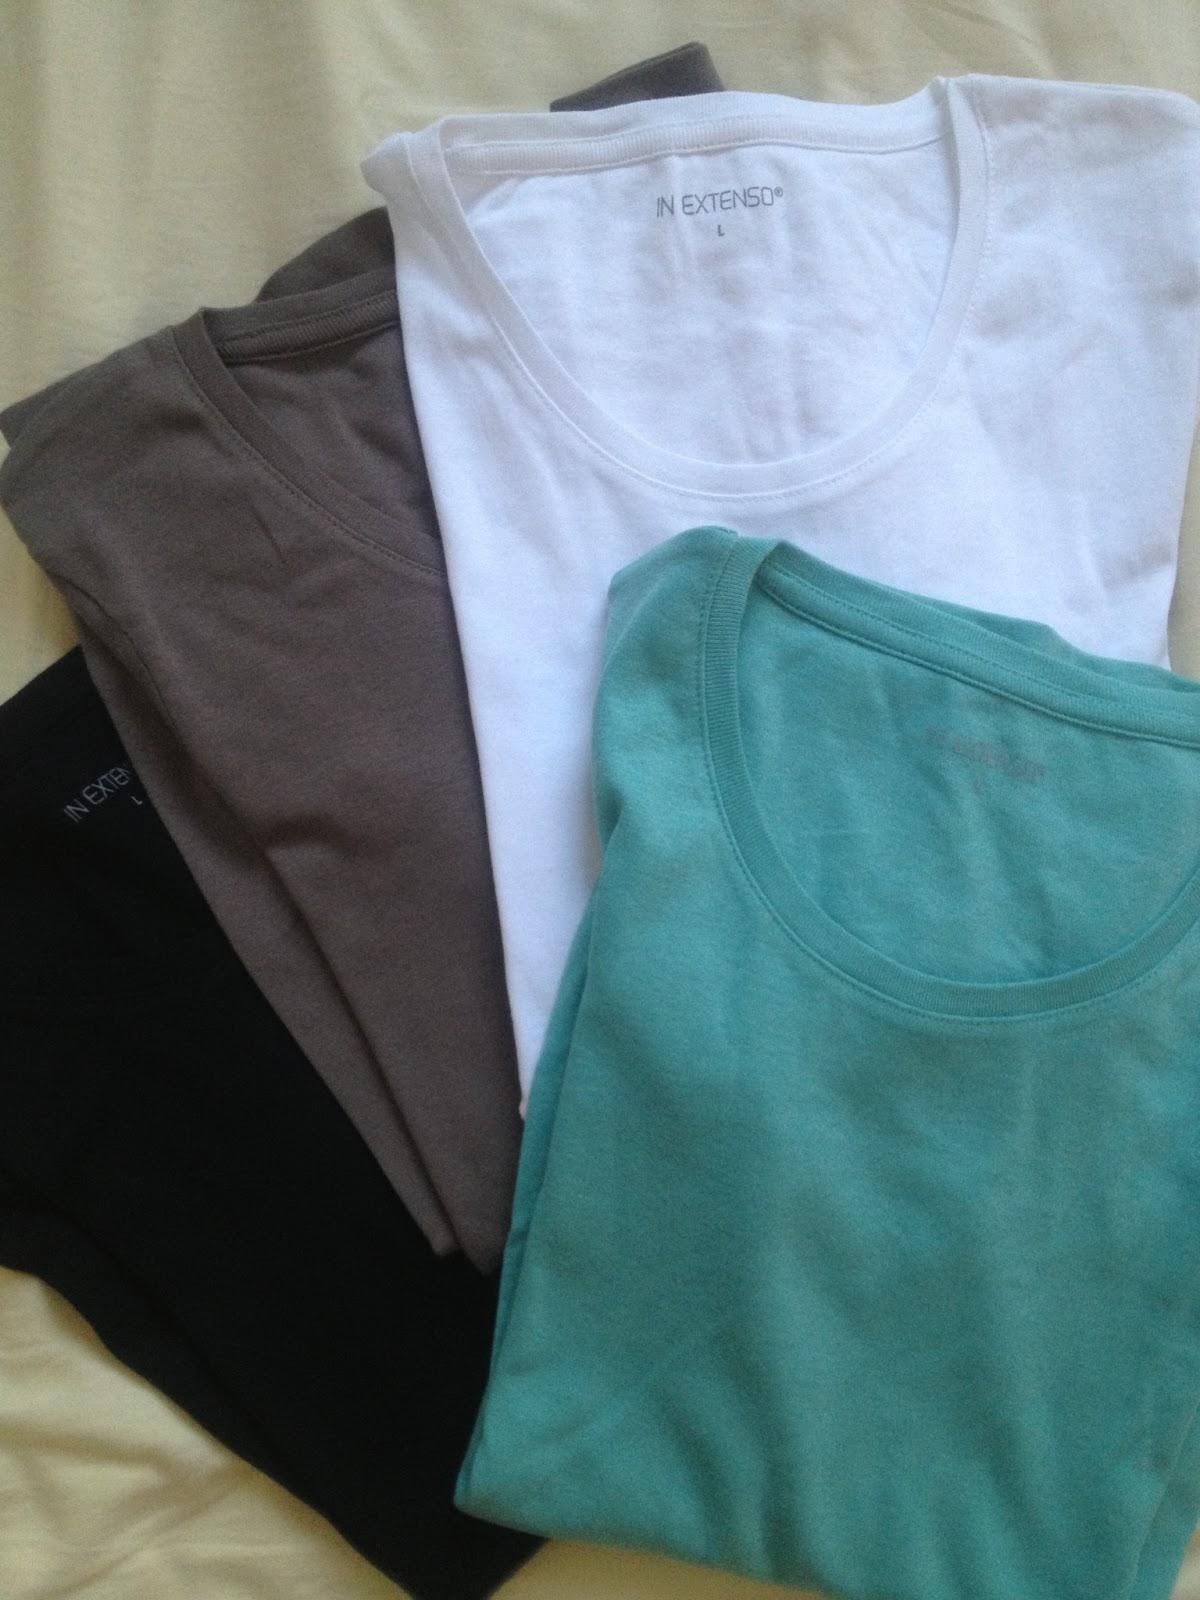 872ce1282b2db Tee shirt à manche longue in extenso coton bio  5.90 € (le 2ème moitié prix)